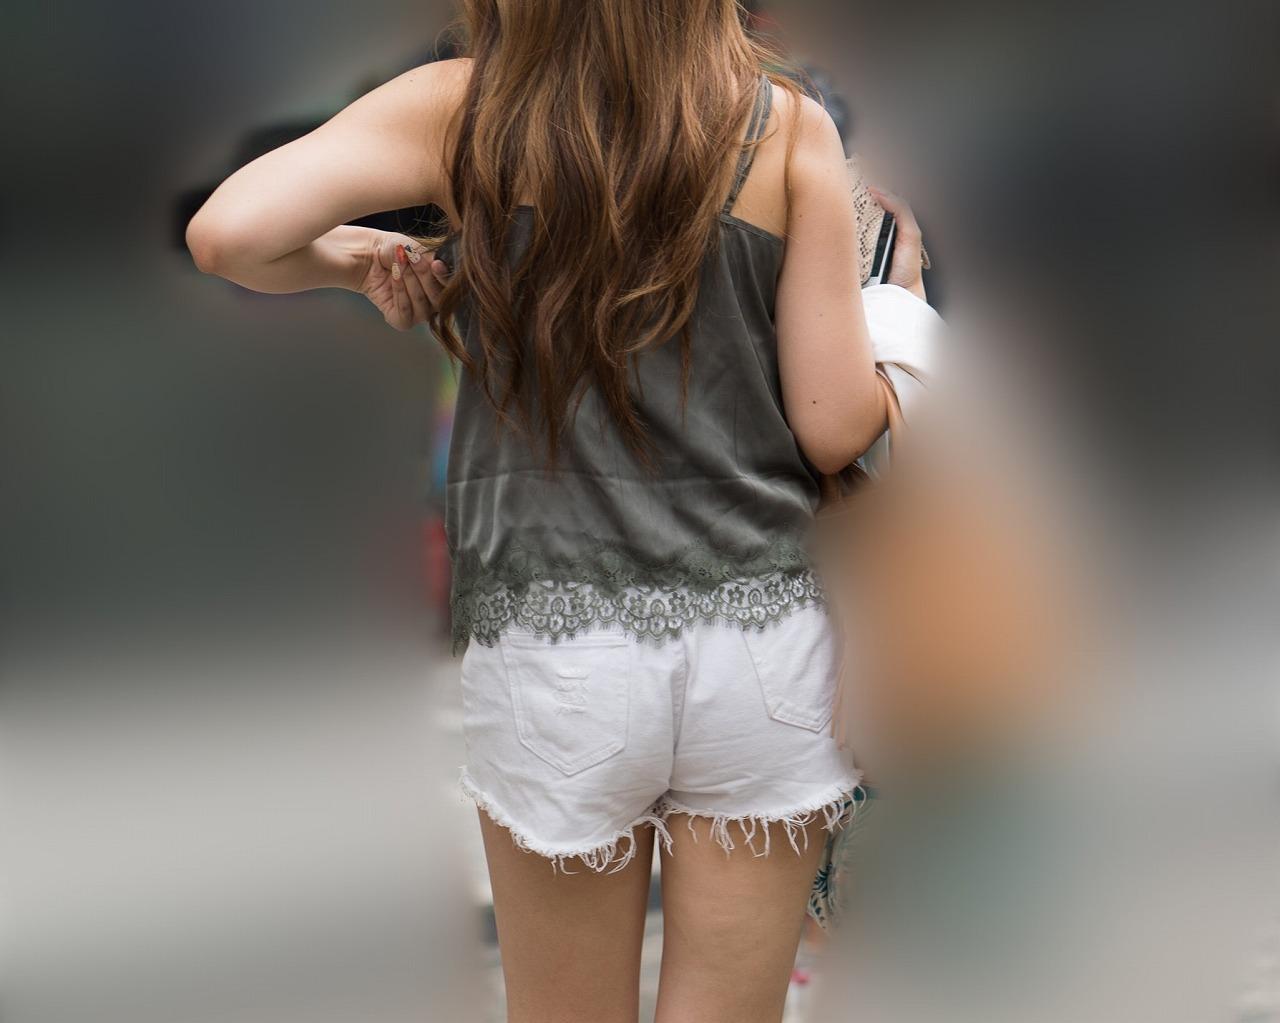 ちょい熟エロバディ!素肌露出多めファッションがエロ過ぎのホットパンツ!